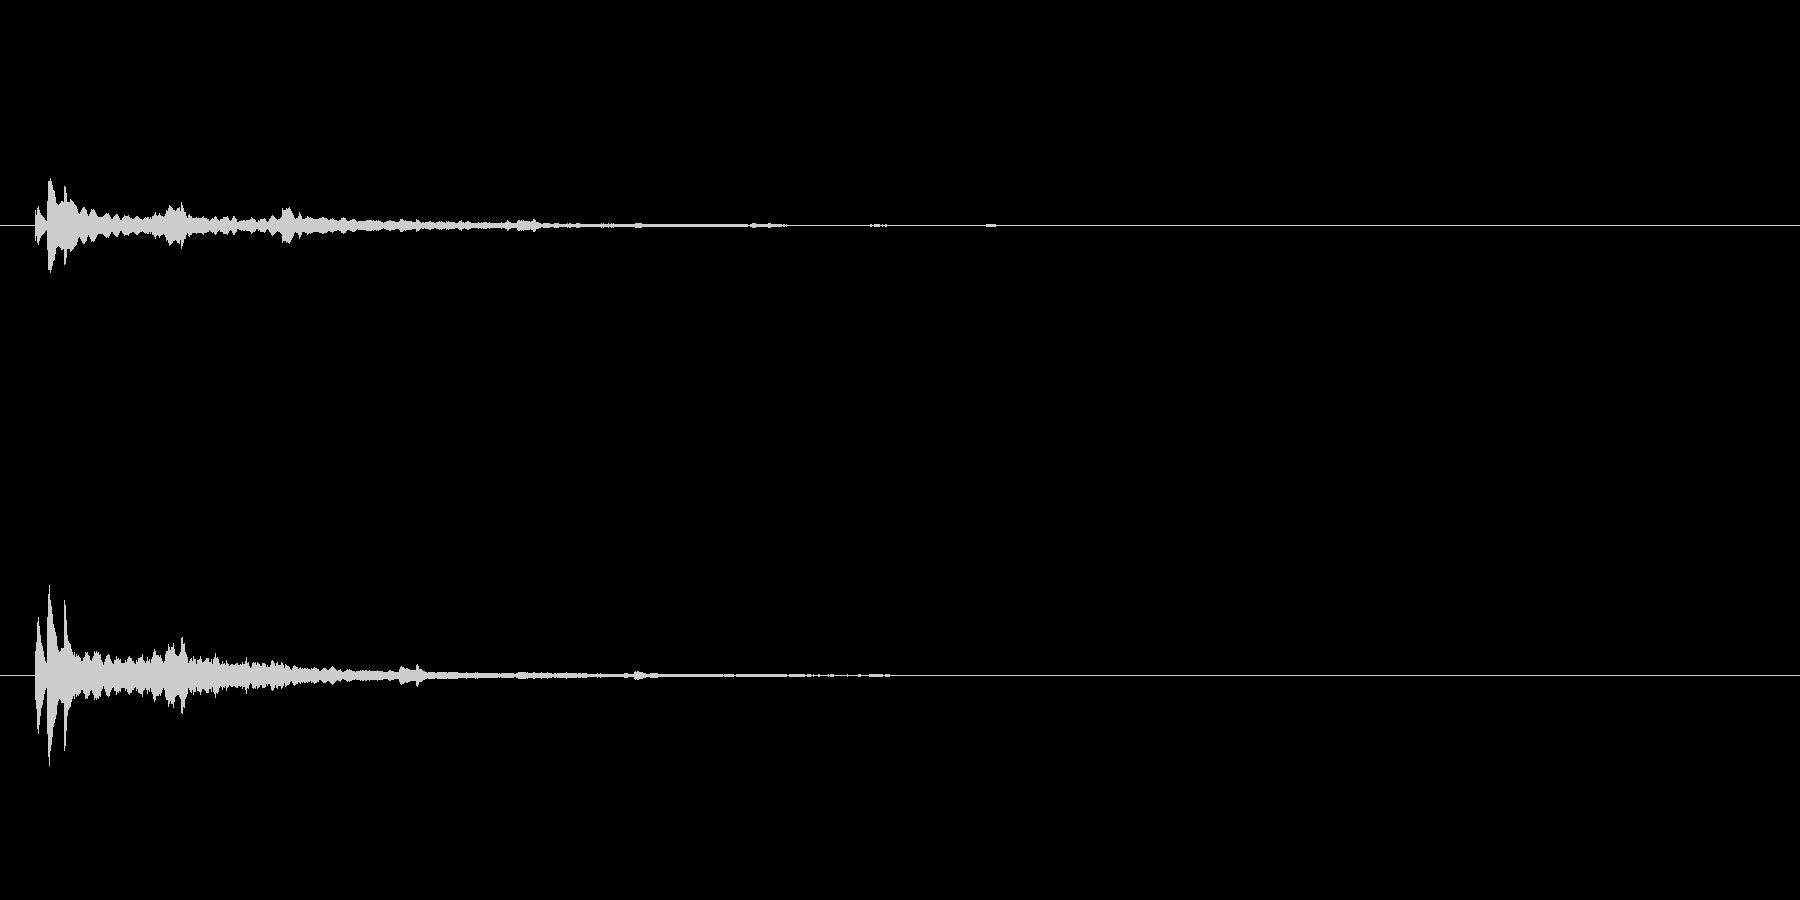 キランキランキラン・・/リフレインのベルの未再生の波形